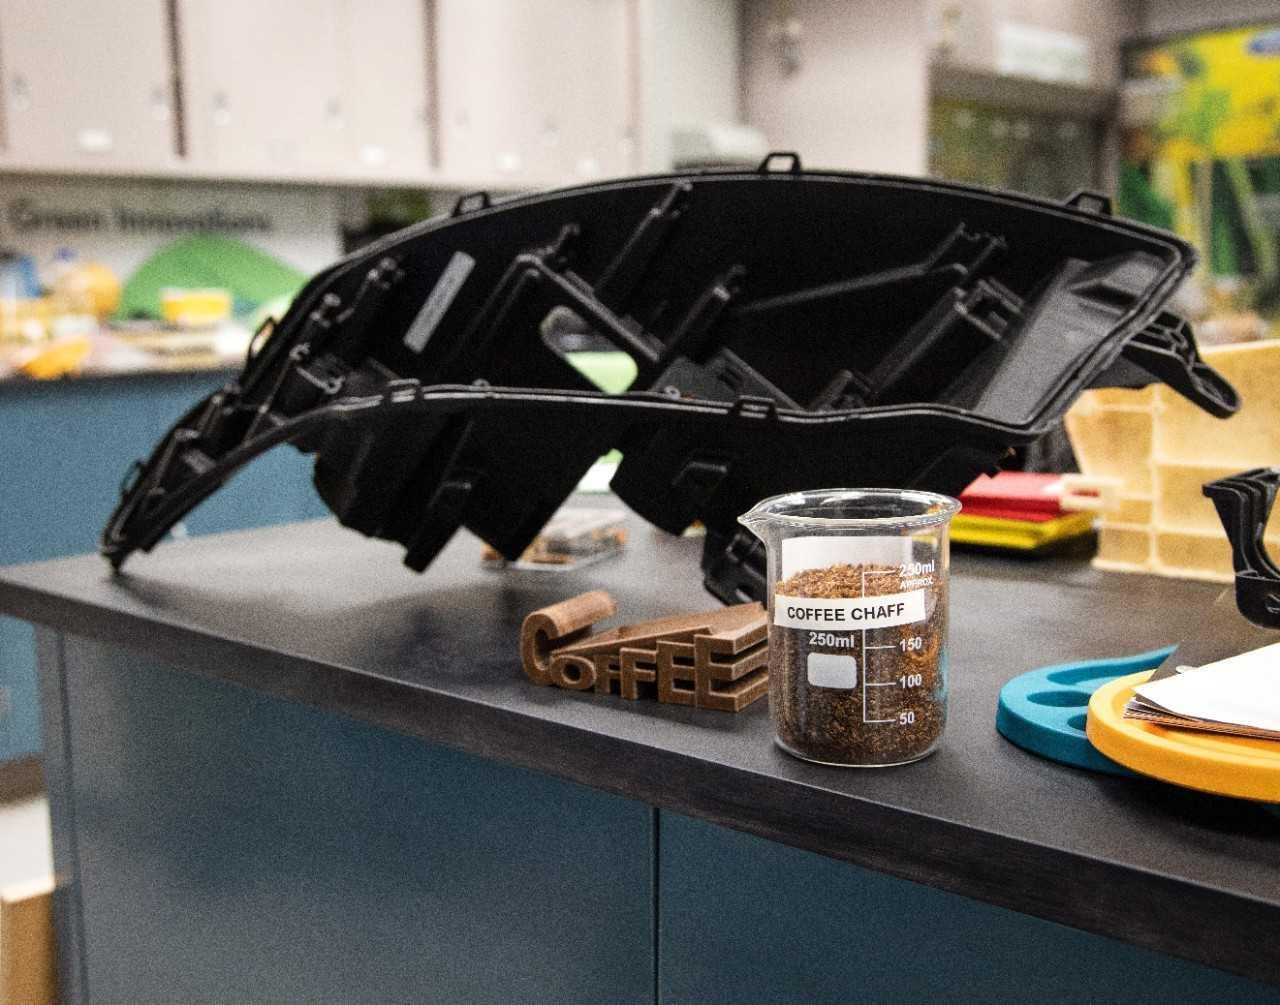 Votre café pourrait aider à construire votre Ford